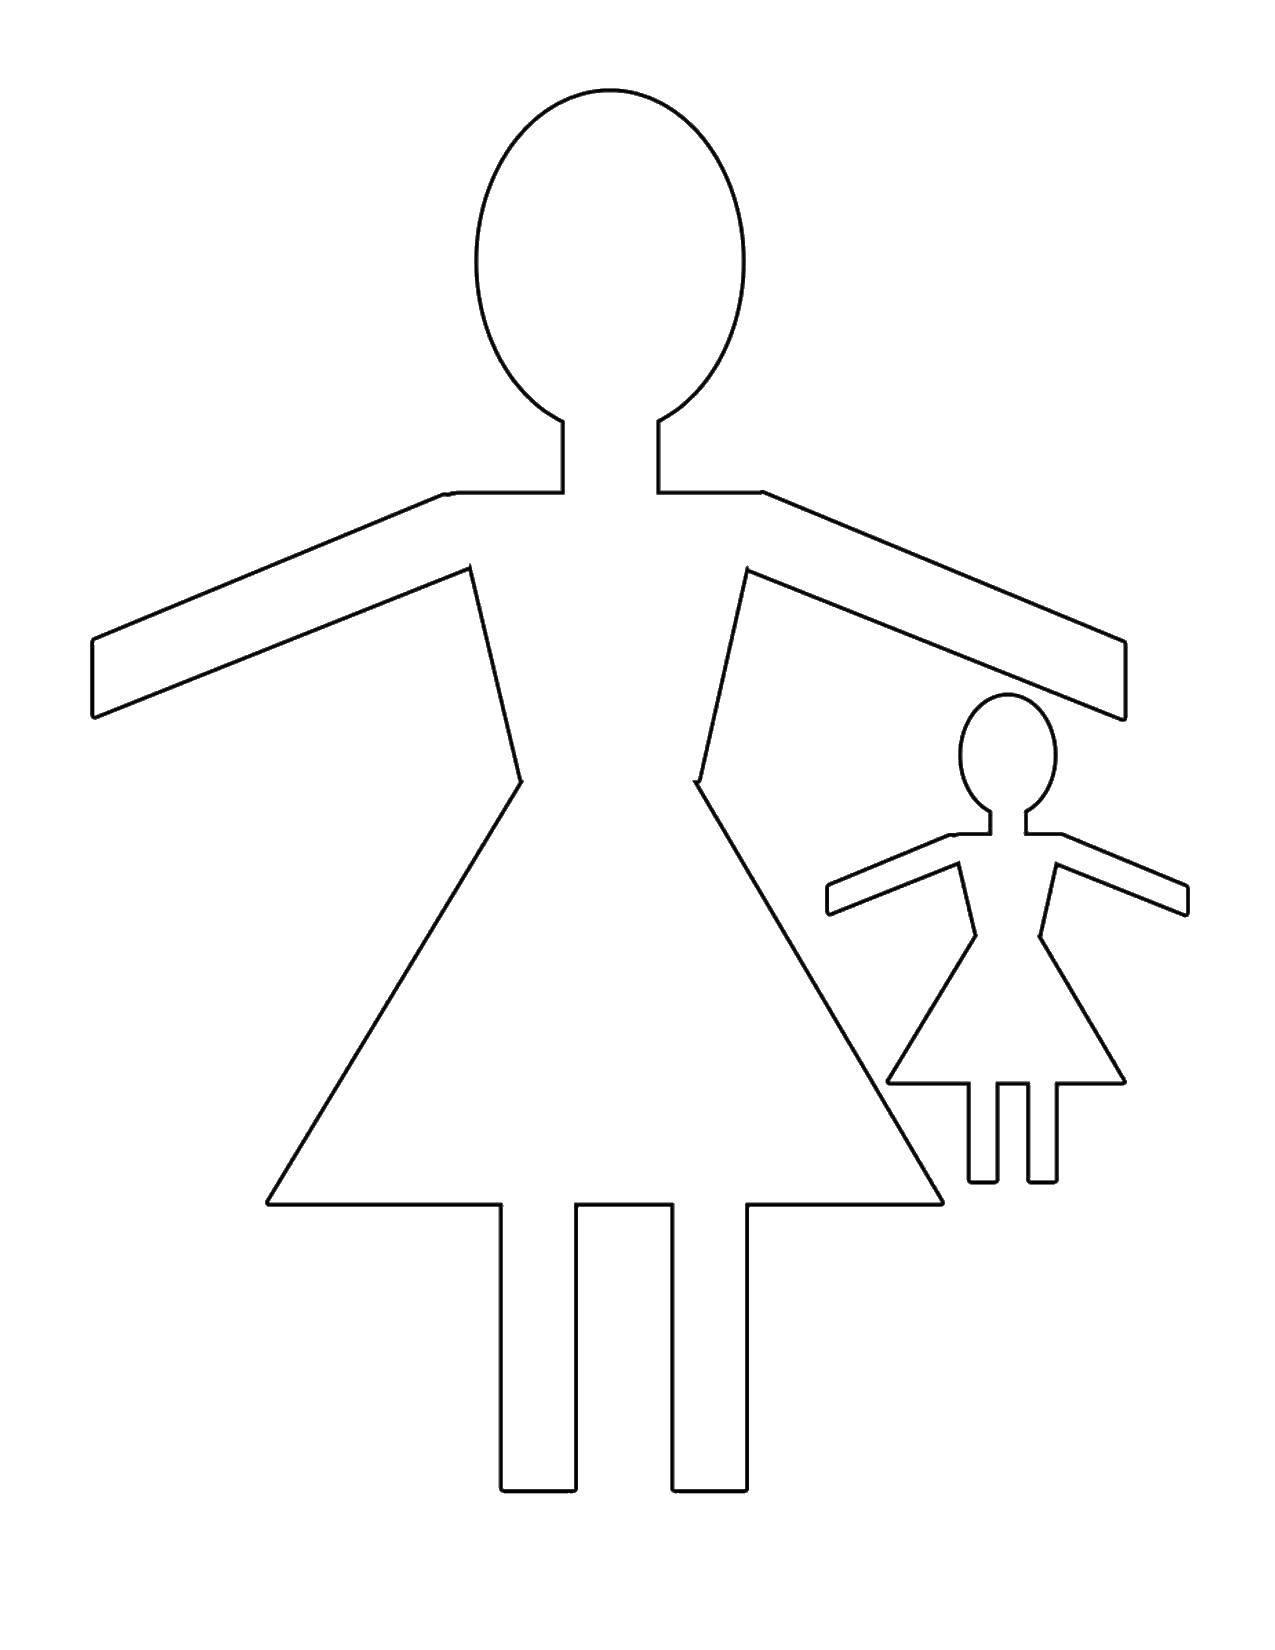 Раскраска Контур куклы Скачать ,гринч,.  Распечатать